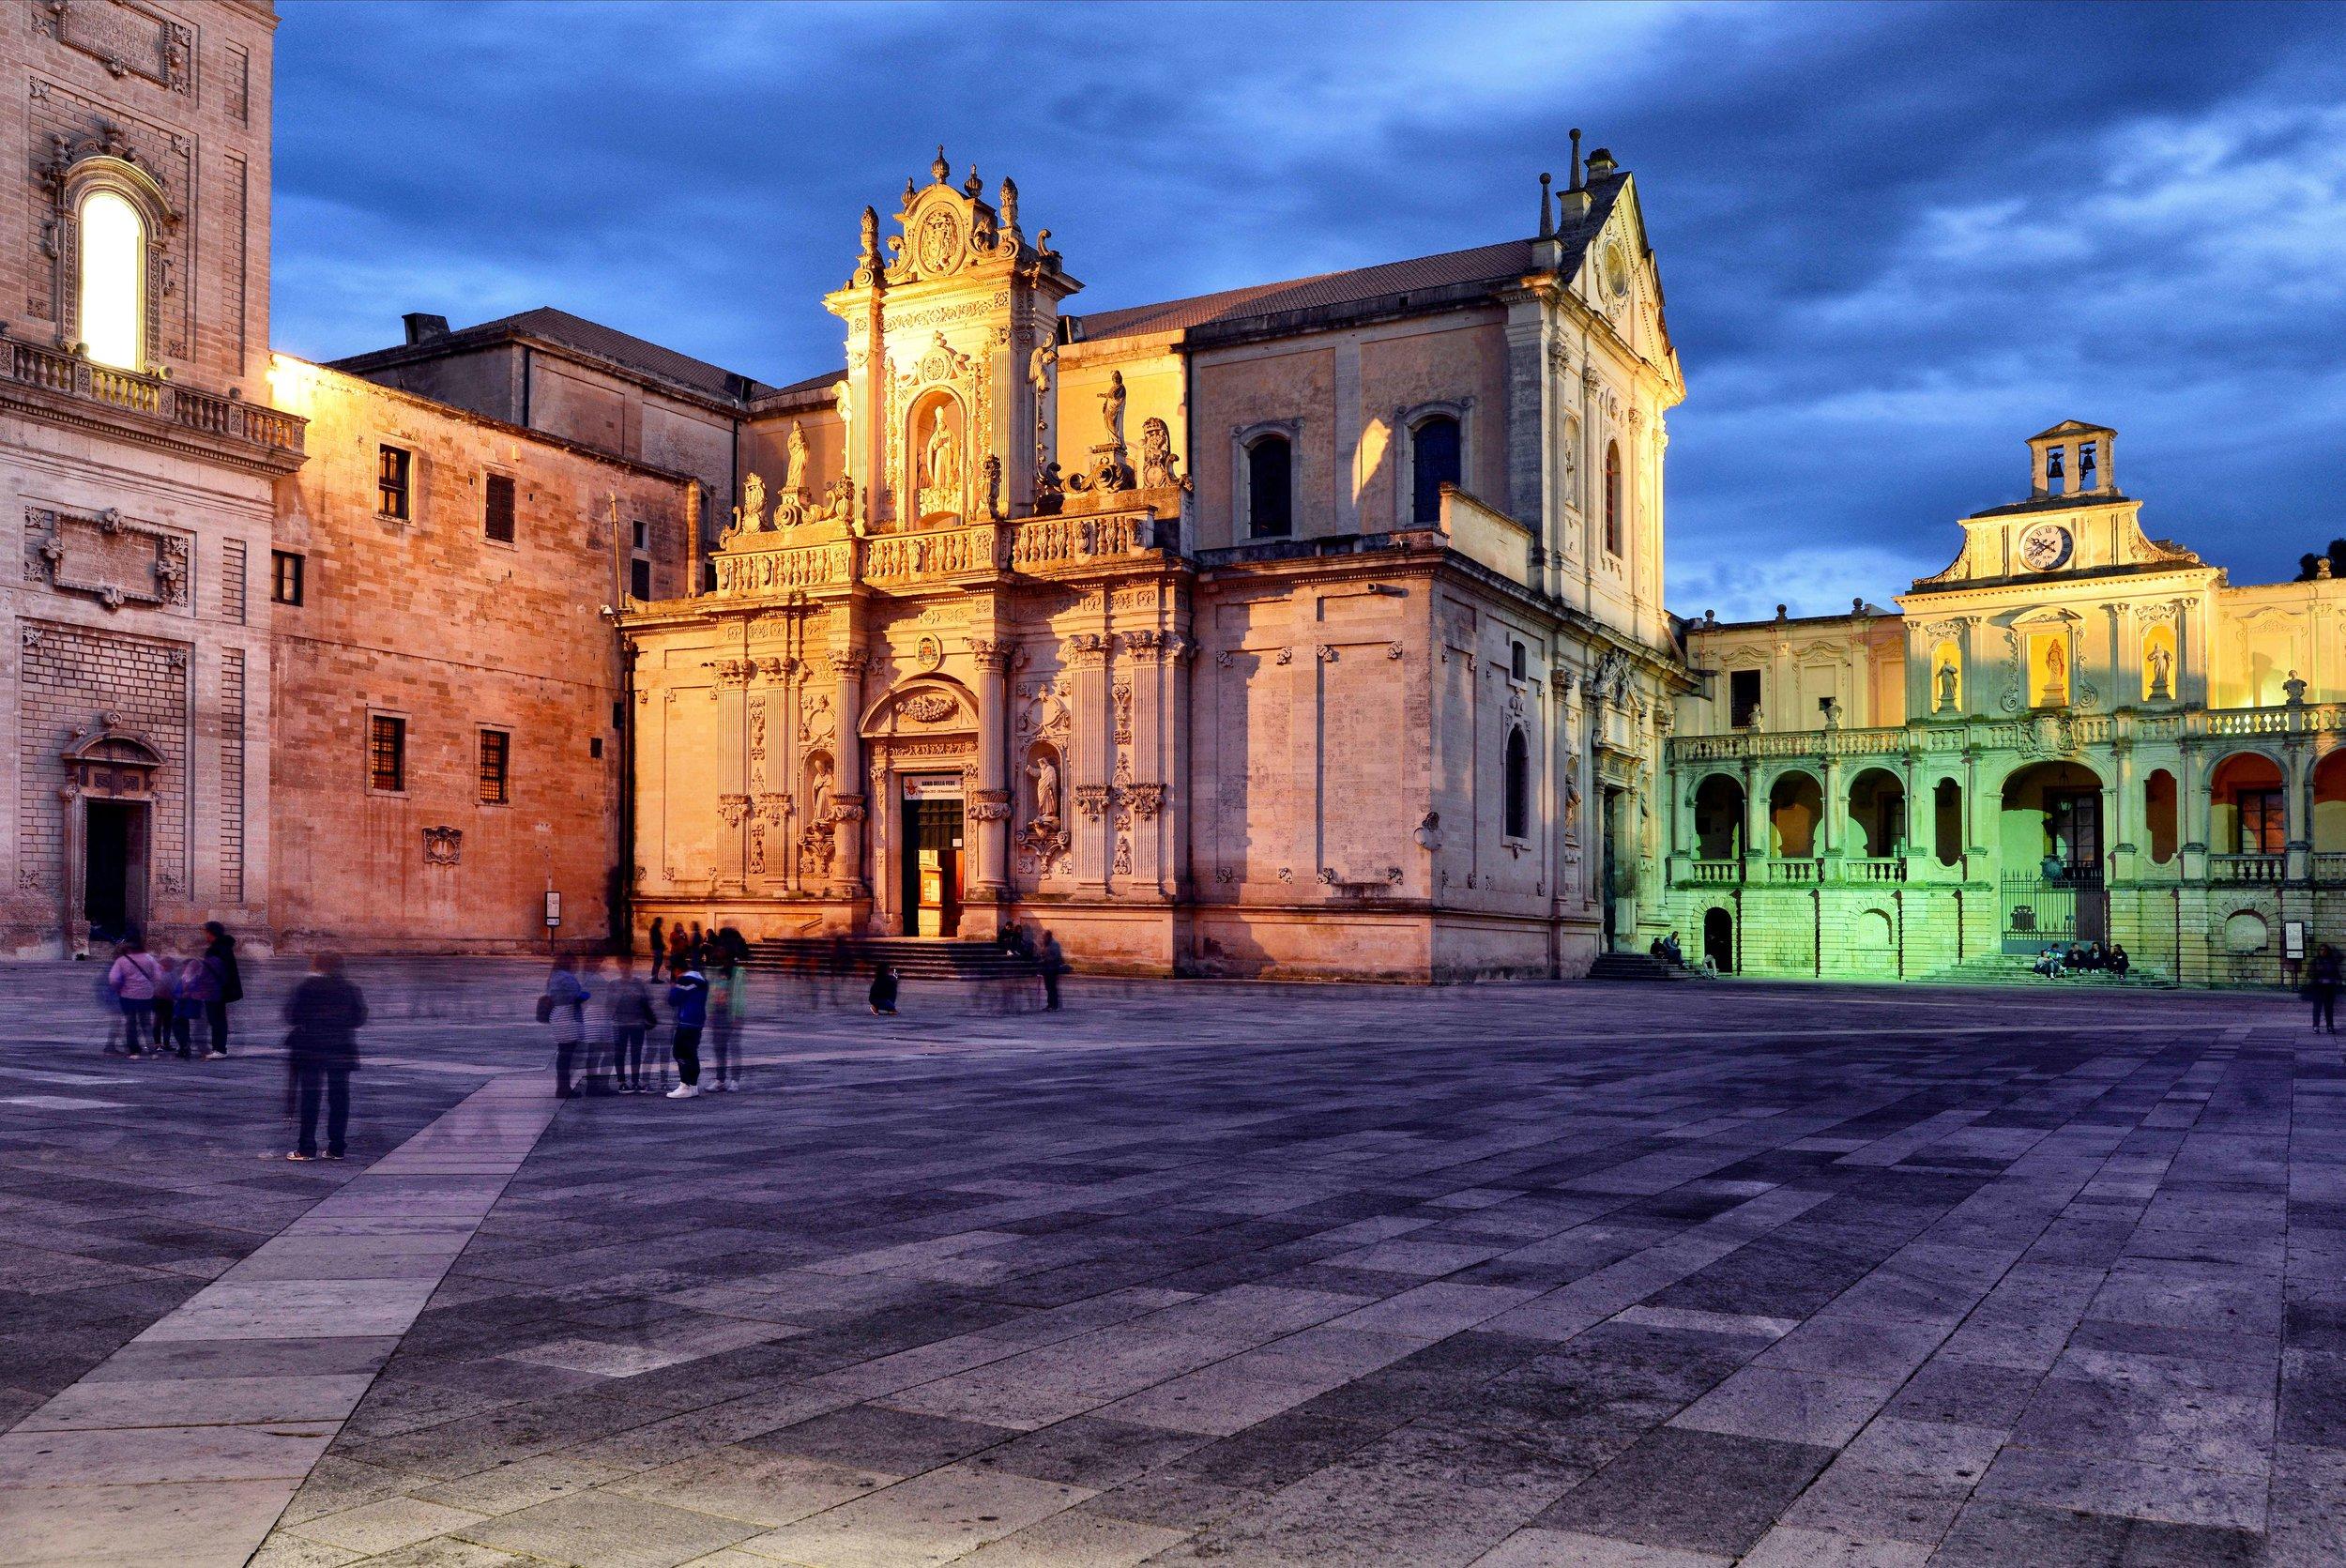 Architetti Famosi Lecce puglia essenziale | prezzo di base si intende per coppia — salento travel |  authentic experiences puglia